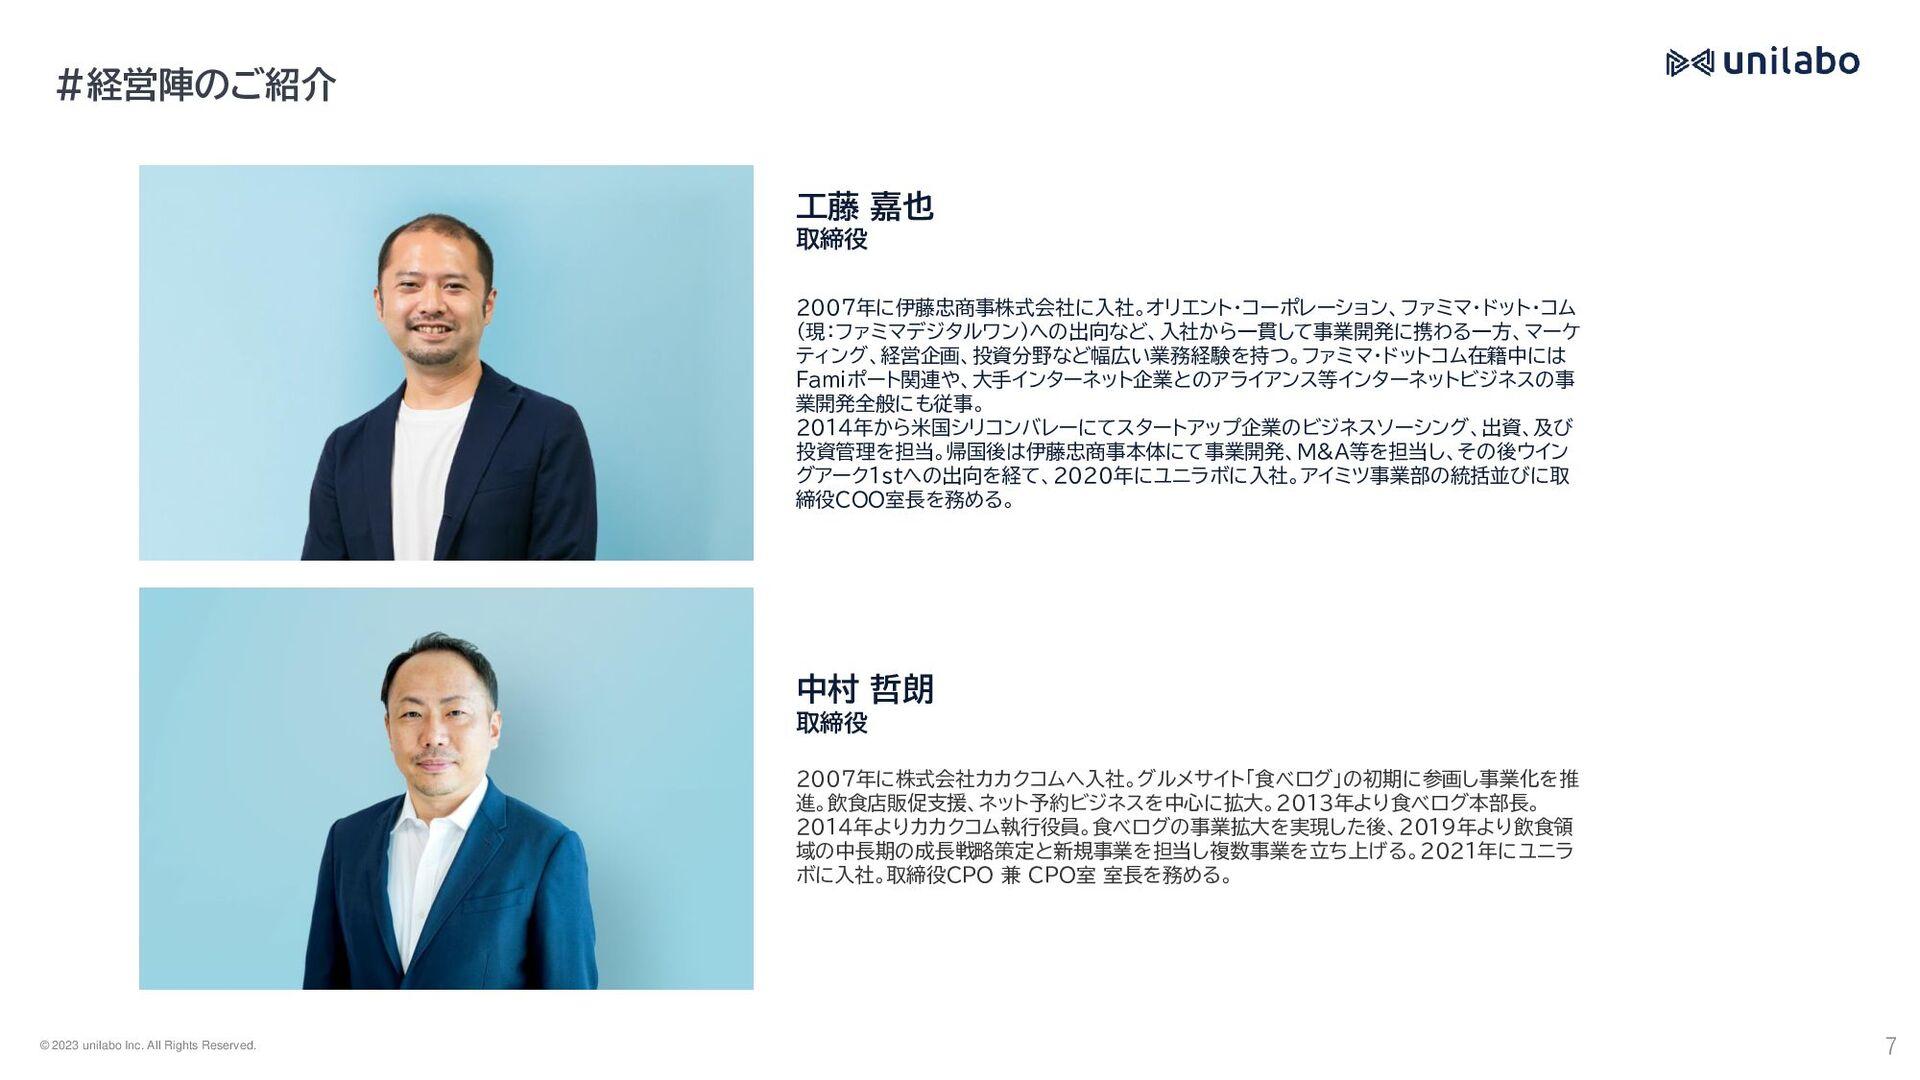 目指す先について Vision